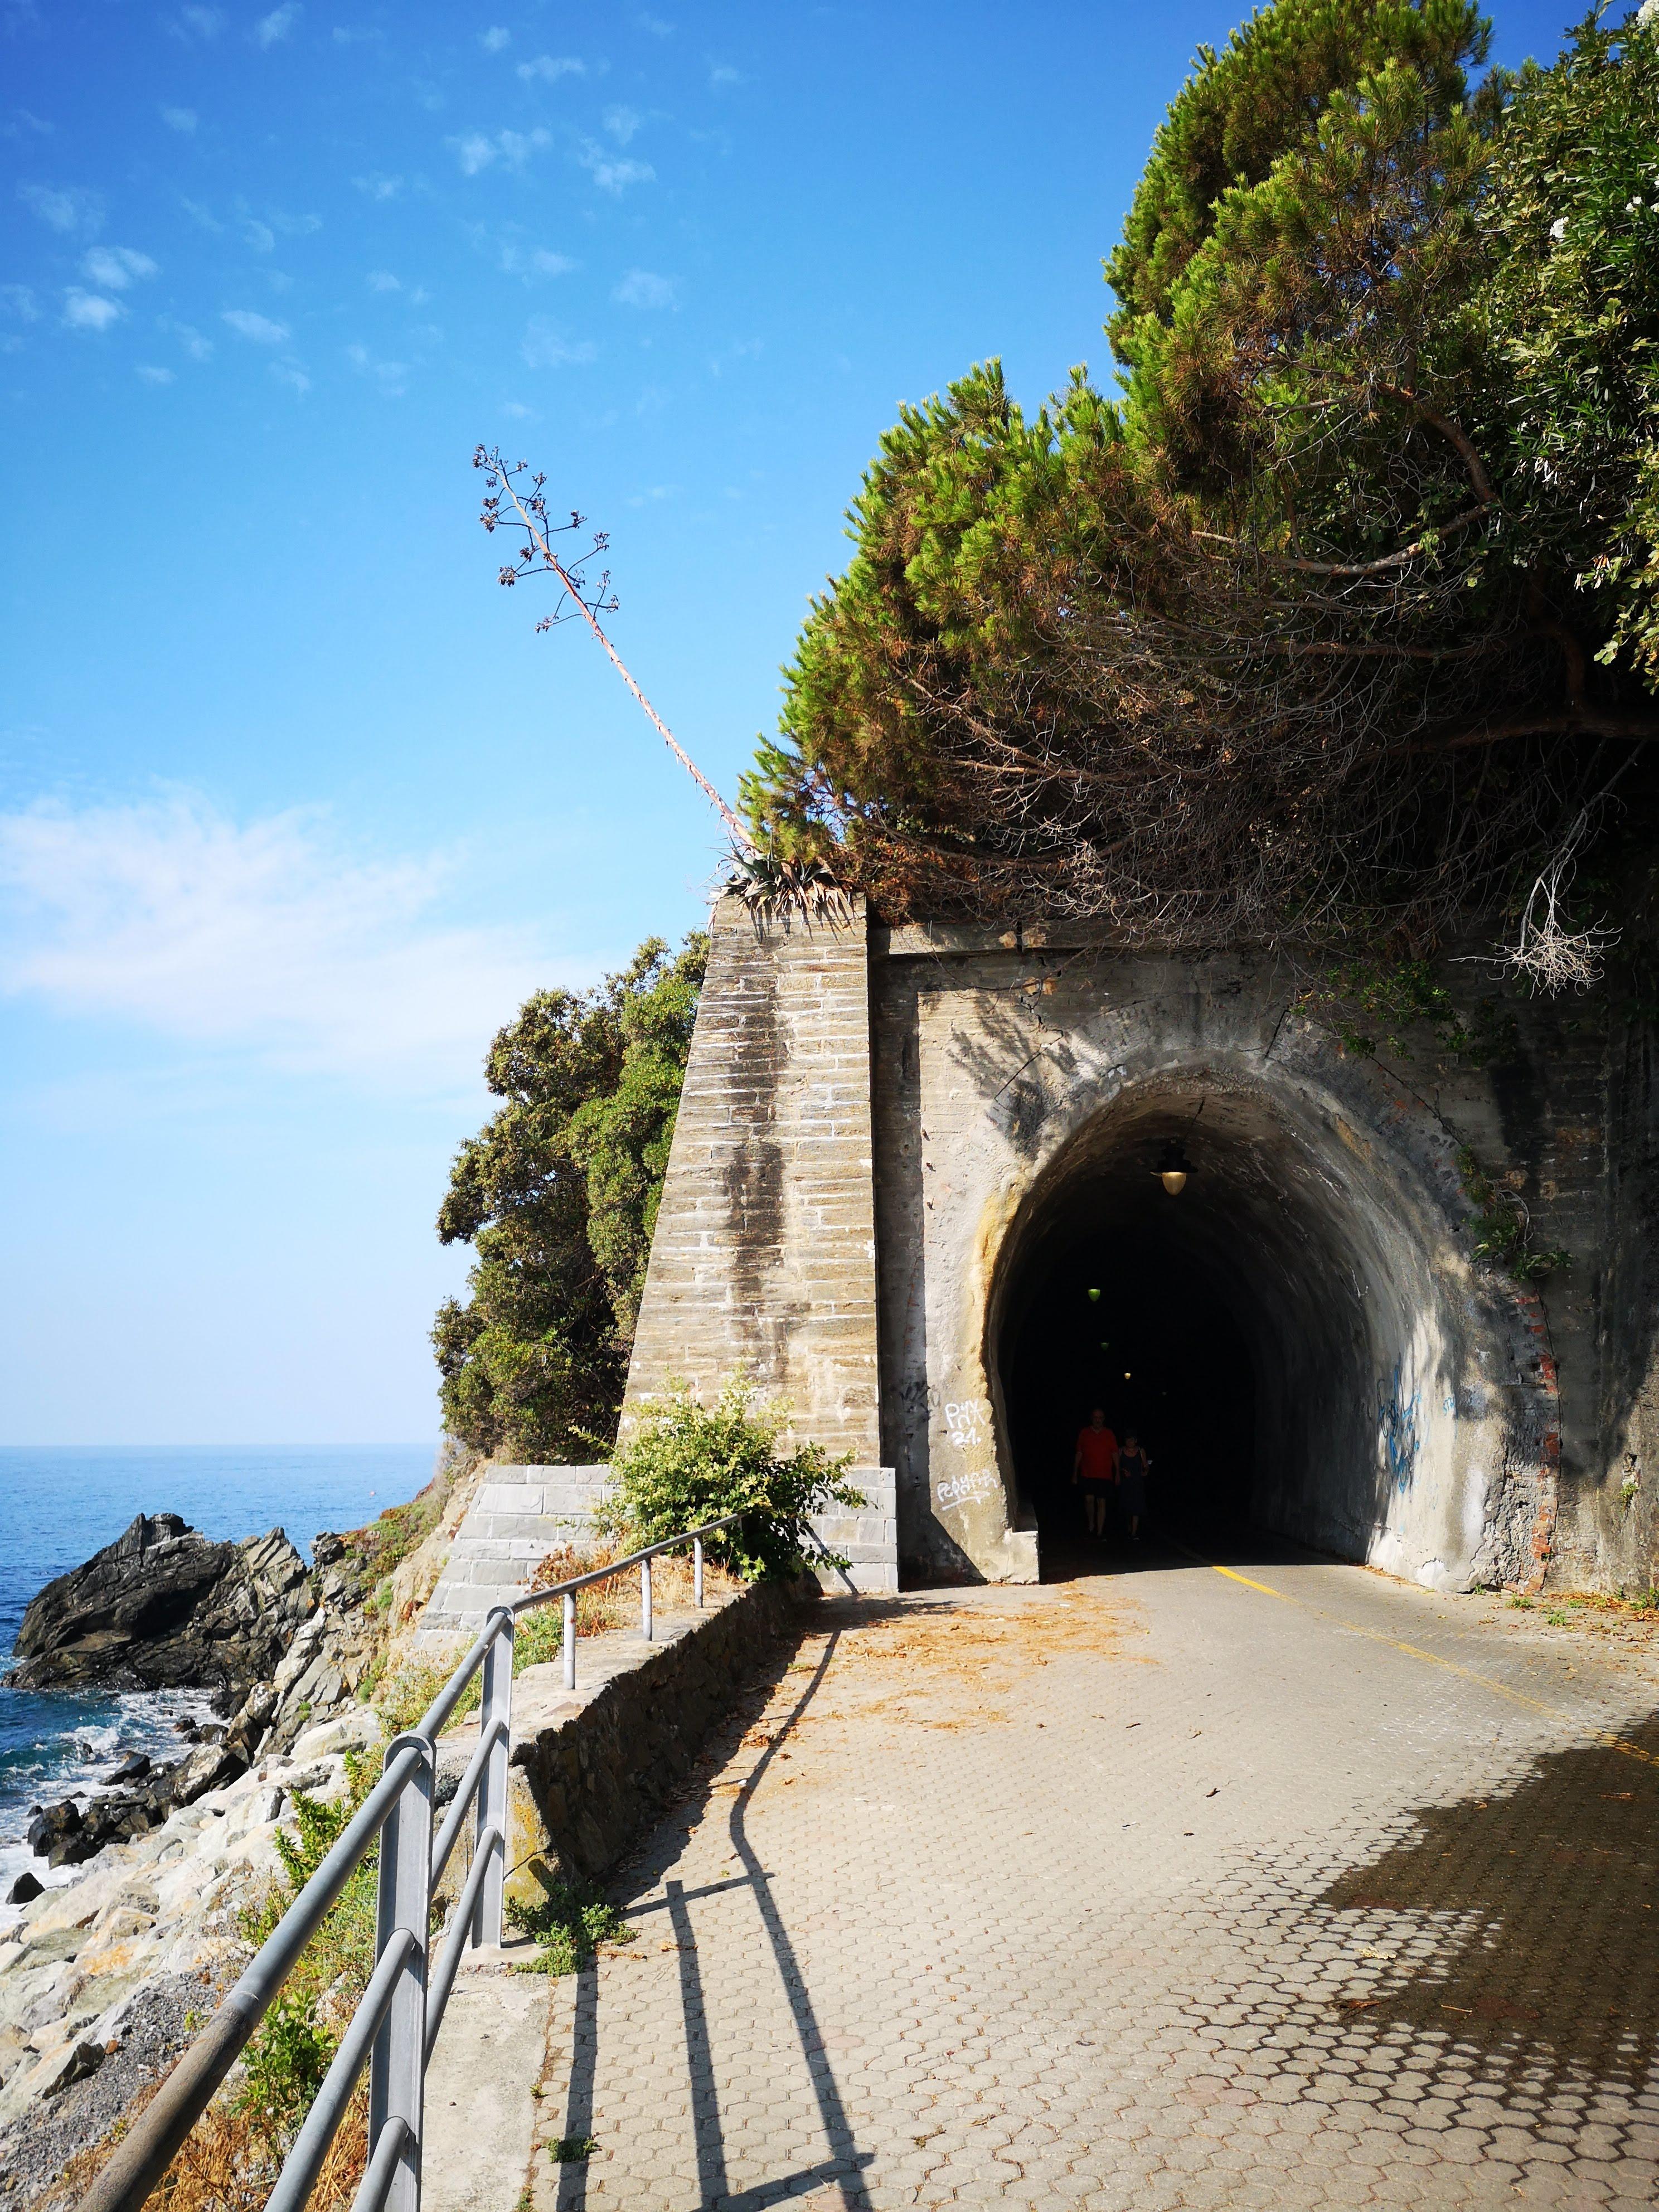 Ecco una delle prime gallerie lungo la ciclabile, contornata dalla tipica vegetazione della zona.